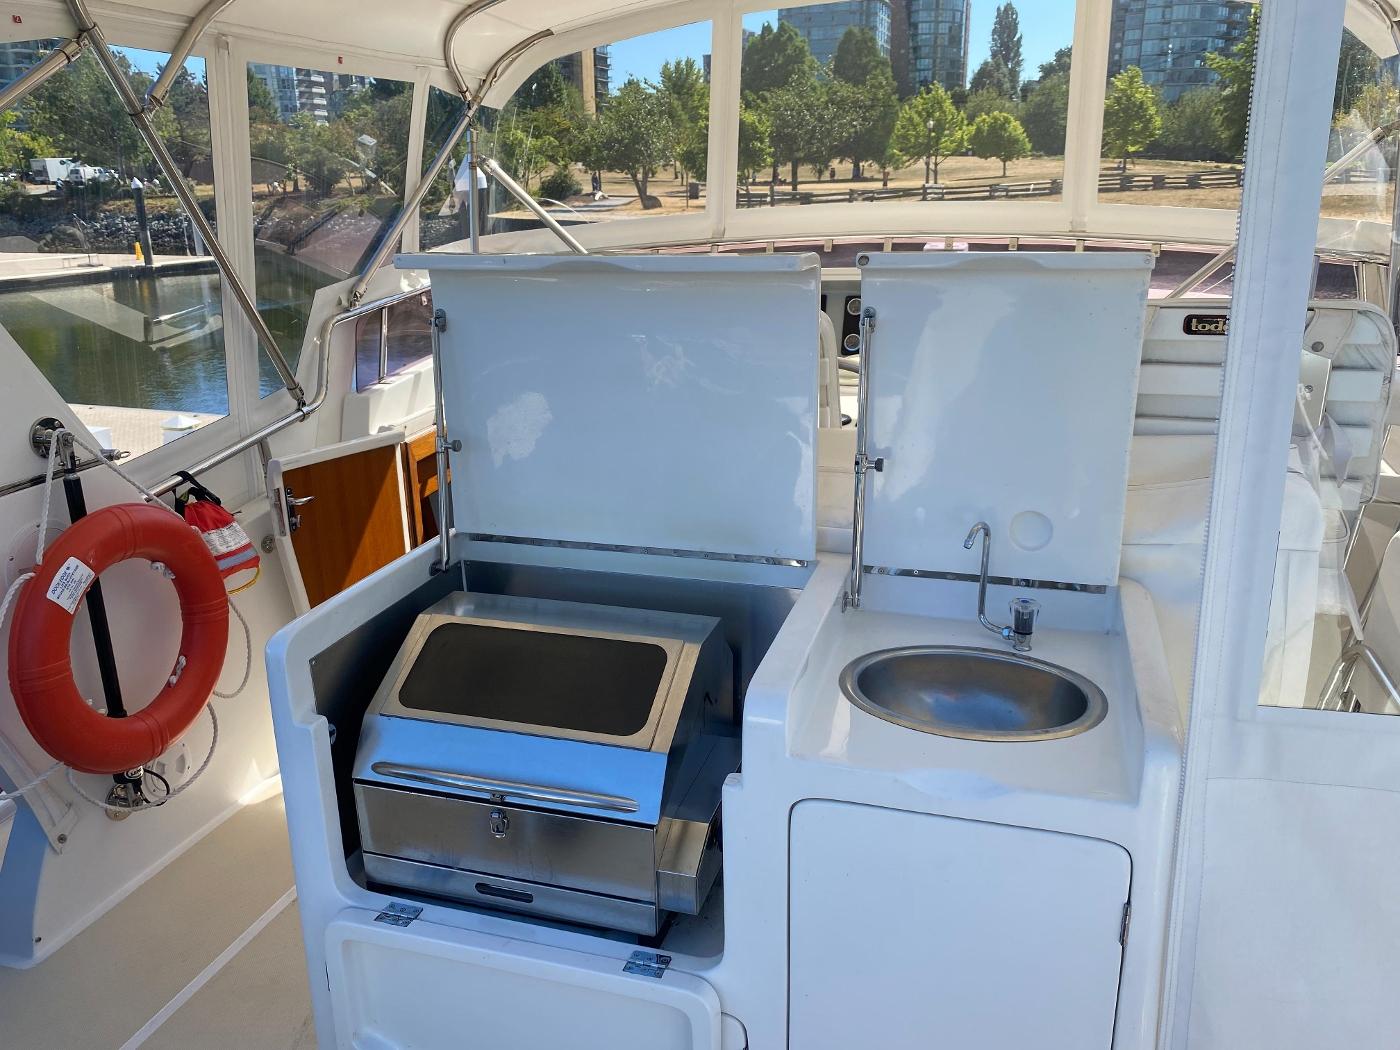 2011 Selene 45, Summer galley